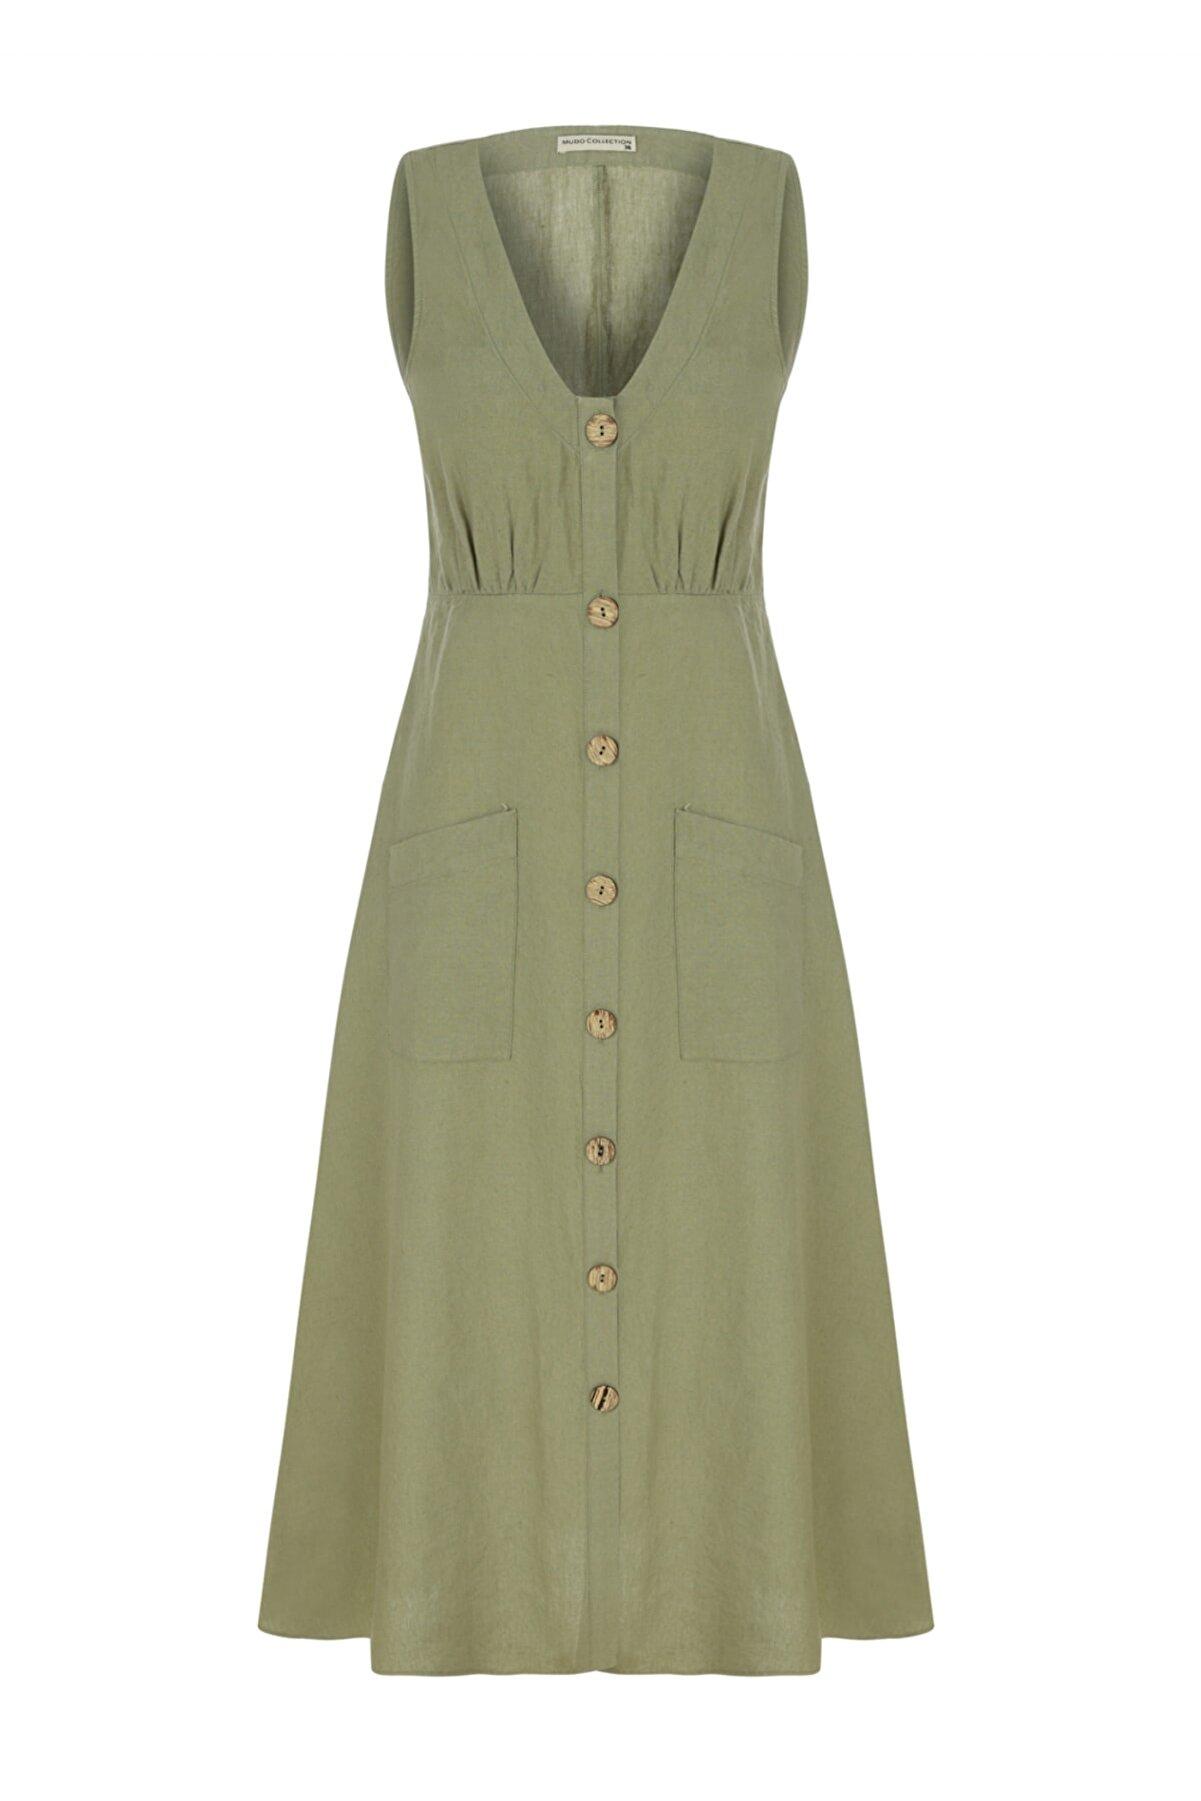 Mudo Kadın Siyah Düğmeli Midi Keten Elbise 1216973